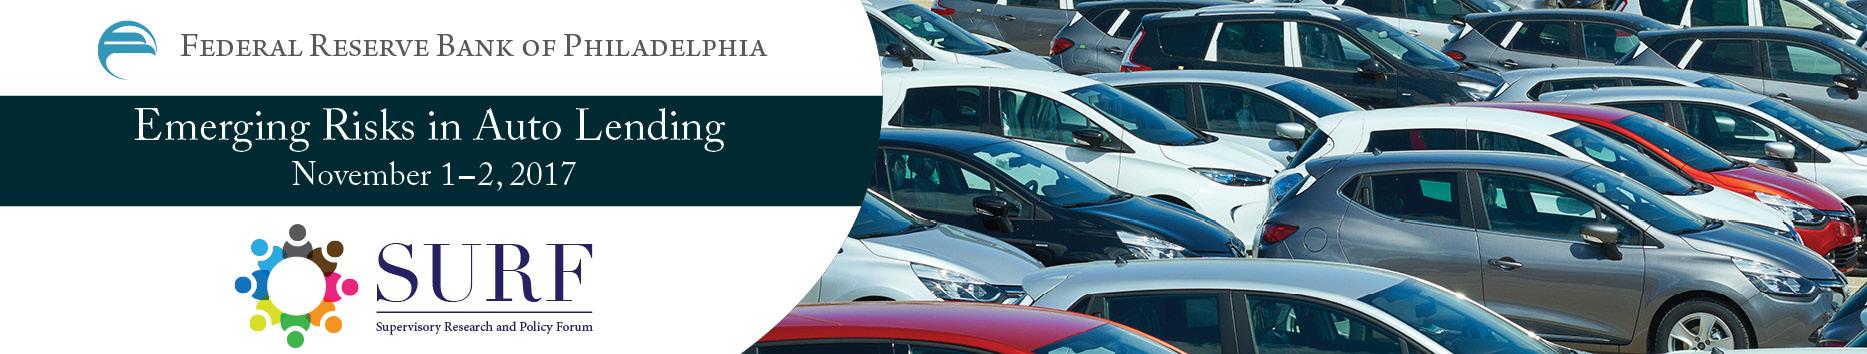 Emerging Risks in Auto Lending